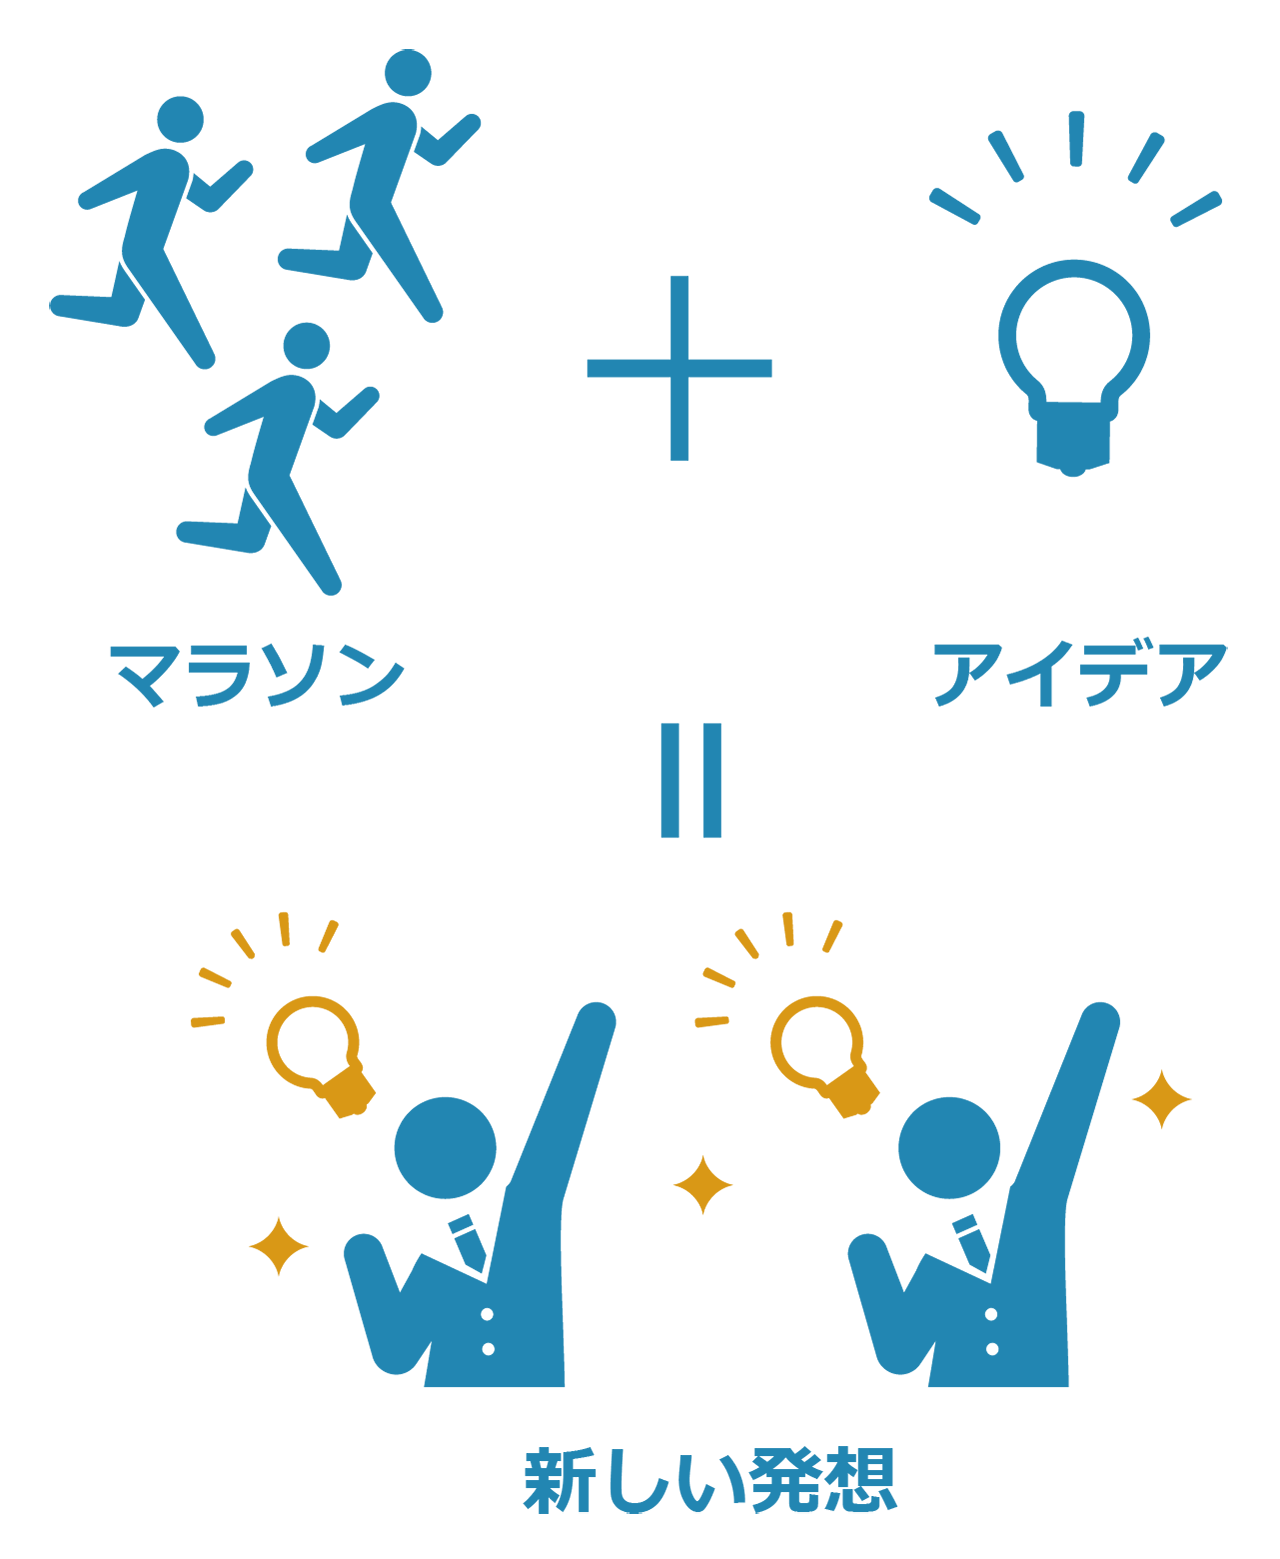 アイデアソンとは 基本設計から実行までのノウハウ